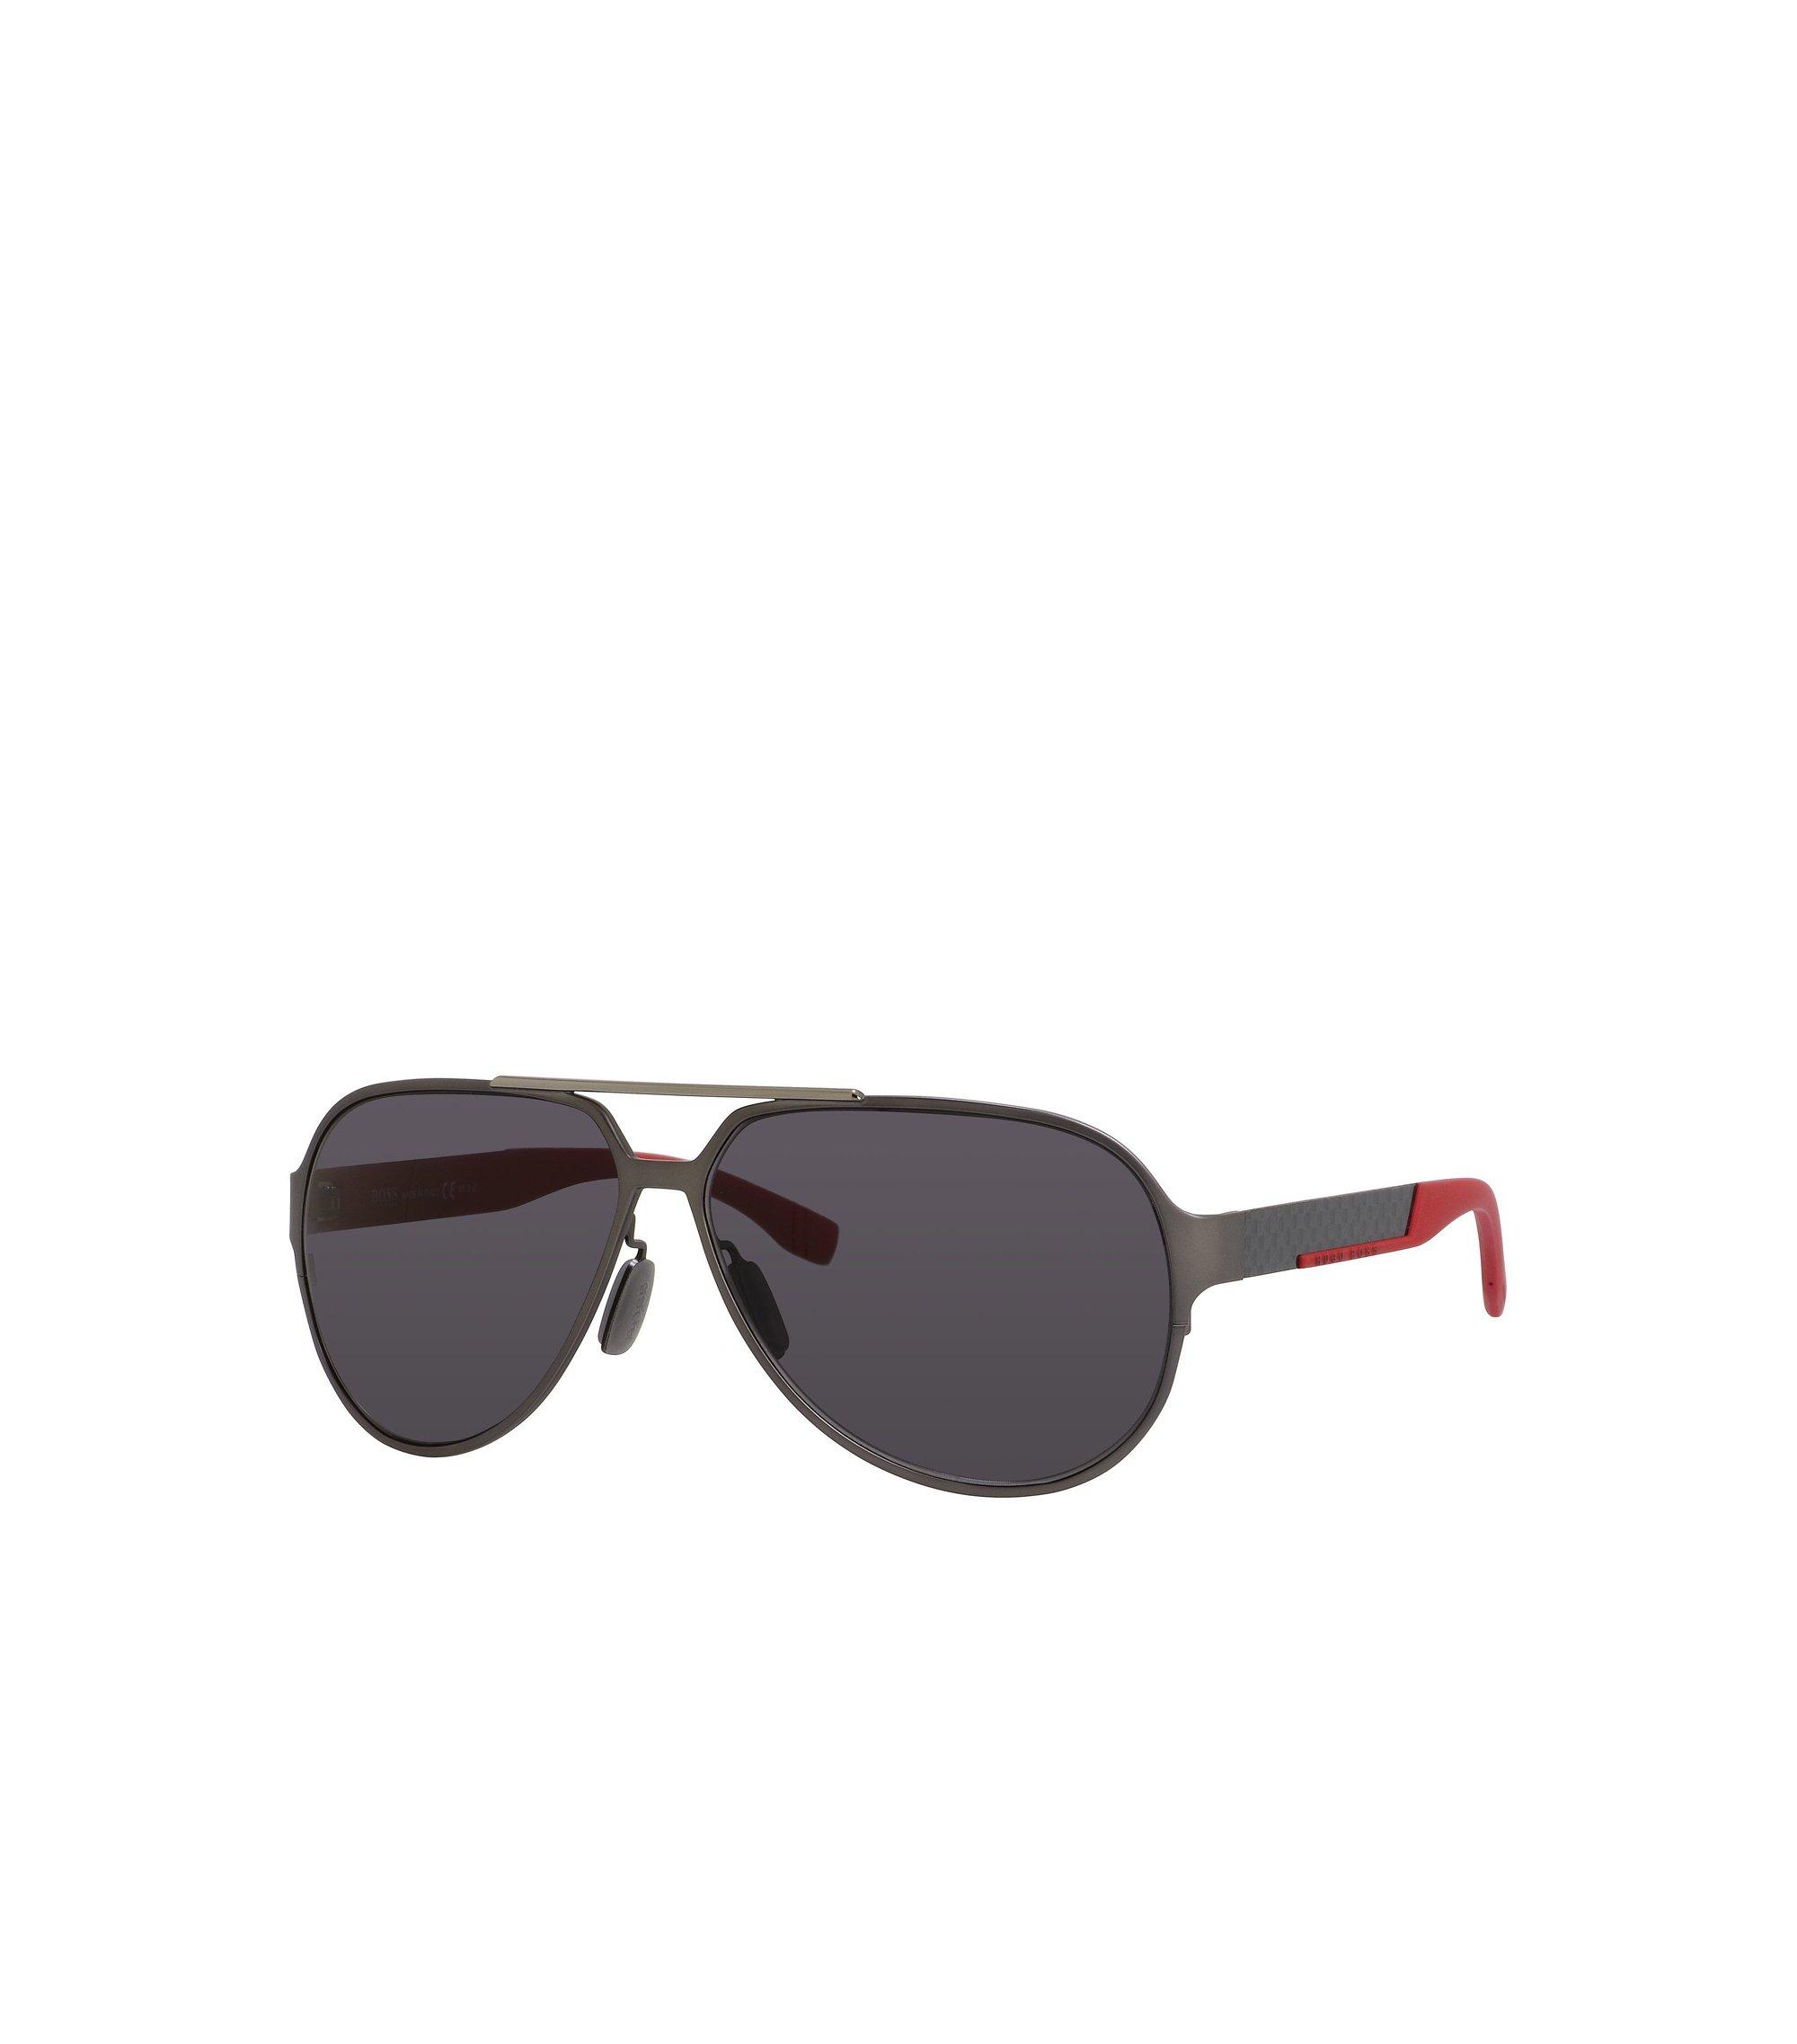 Black Lens Carbon Fiber Aviator Sunglasses | BOSS 0669S, Assorted-Pre-Pack